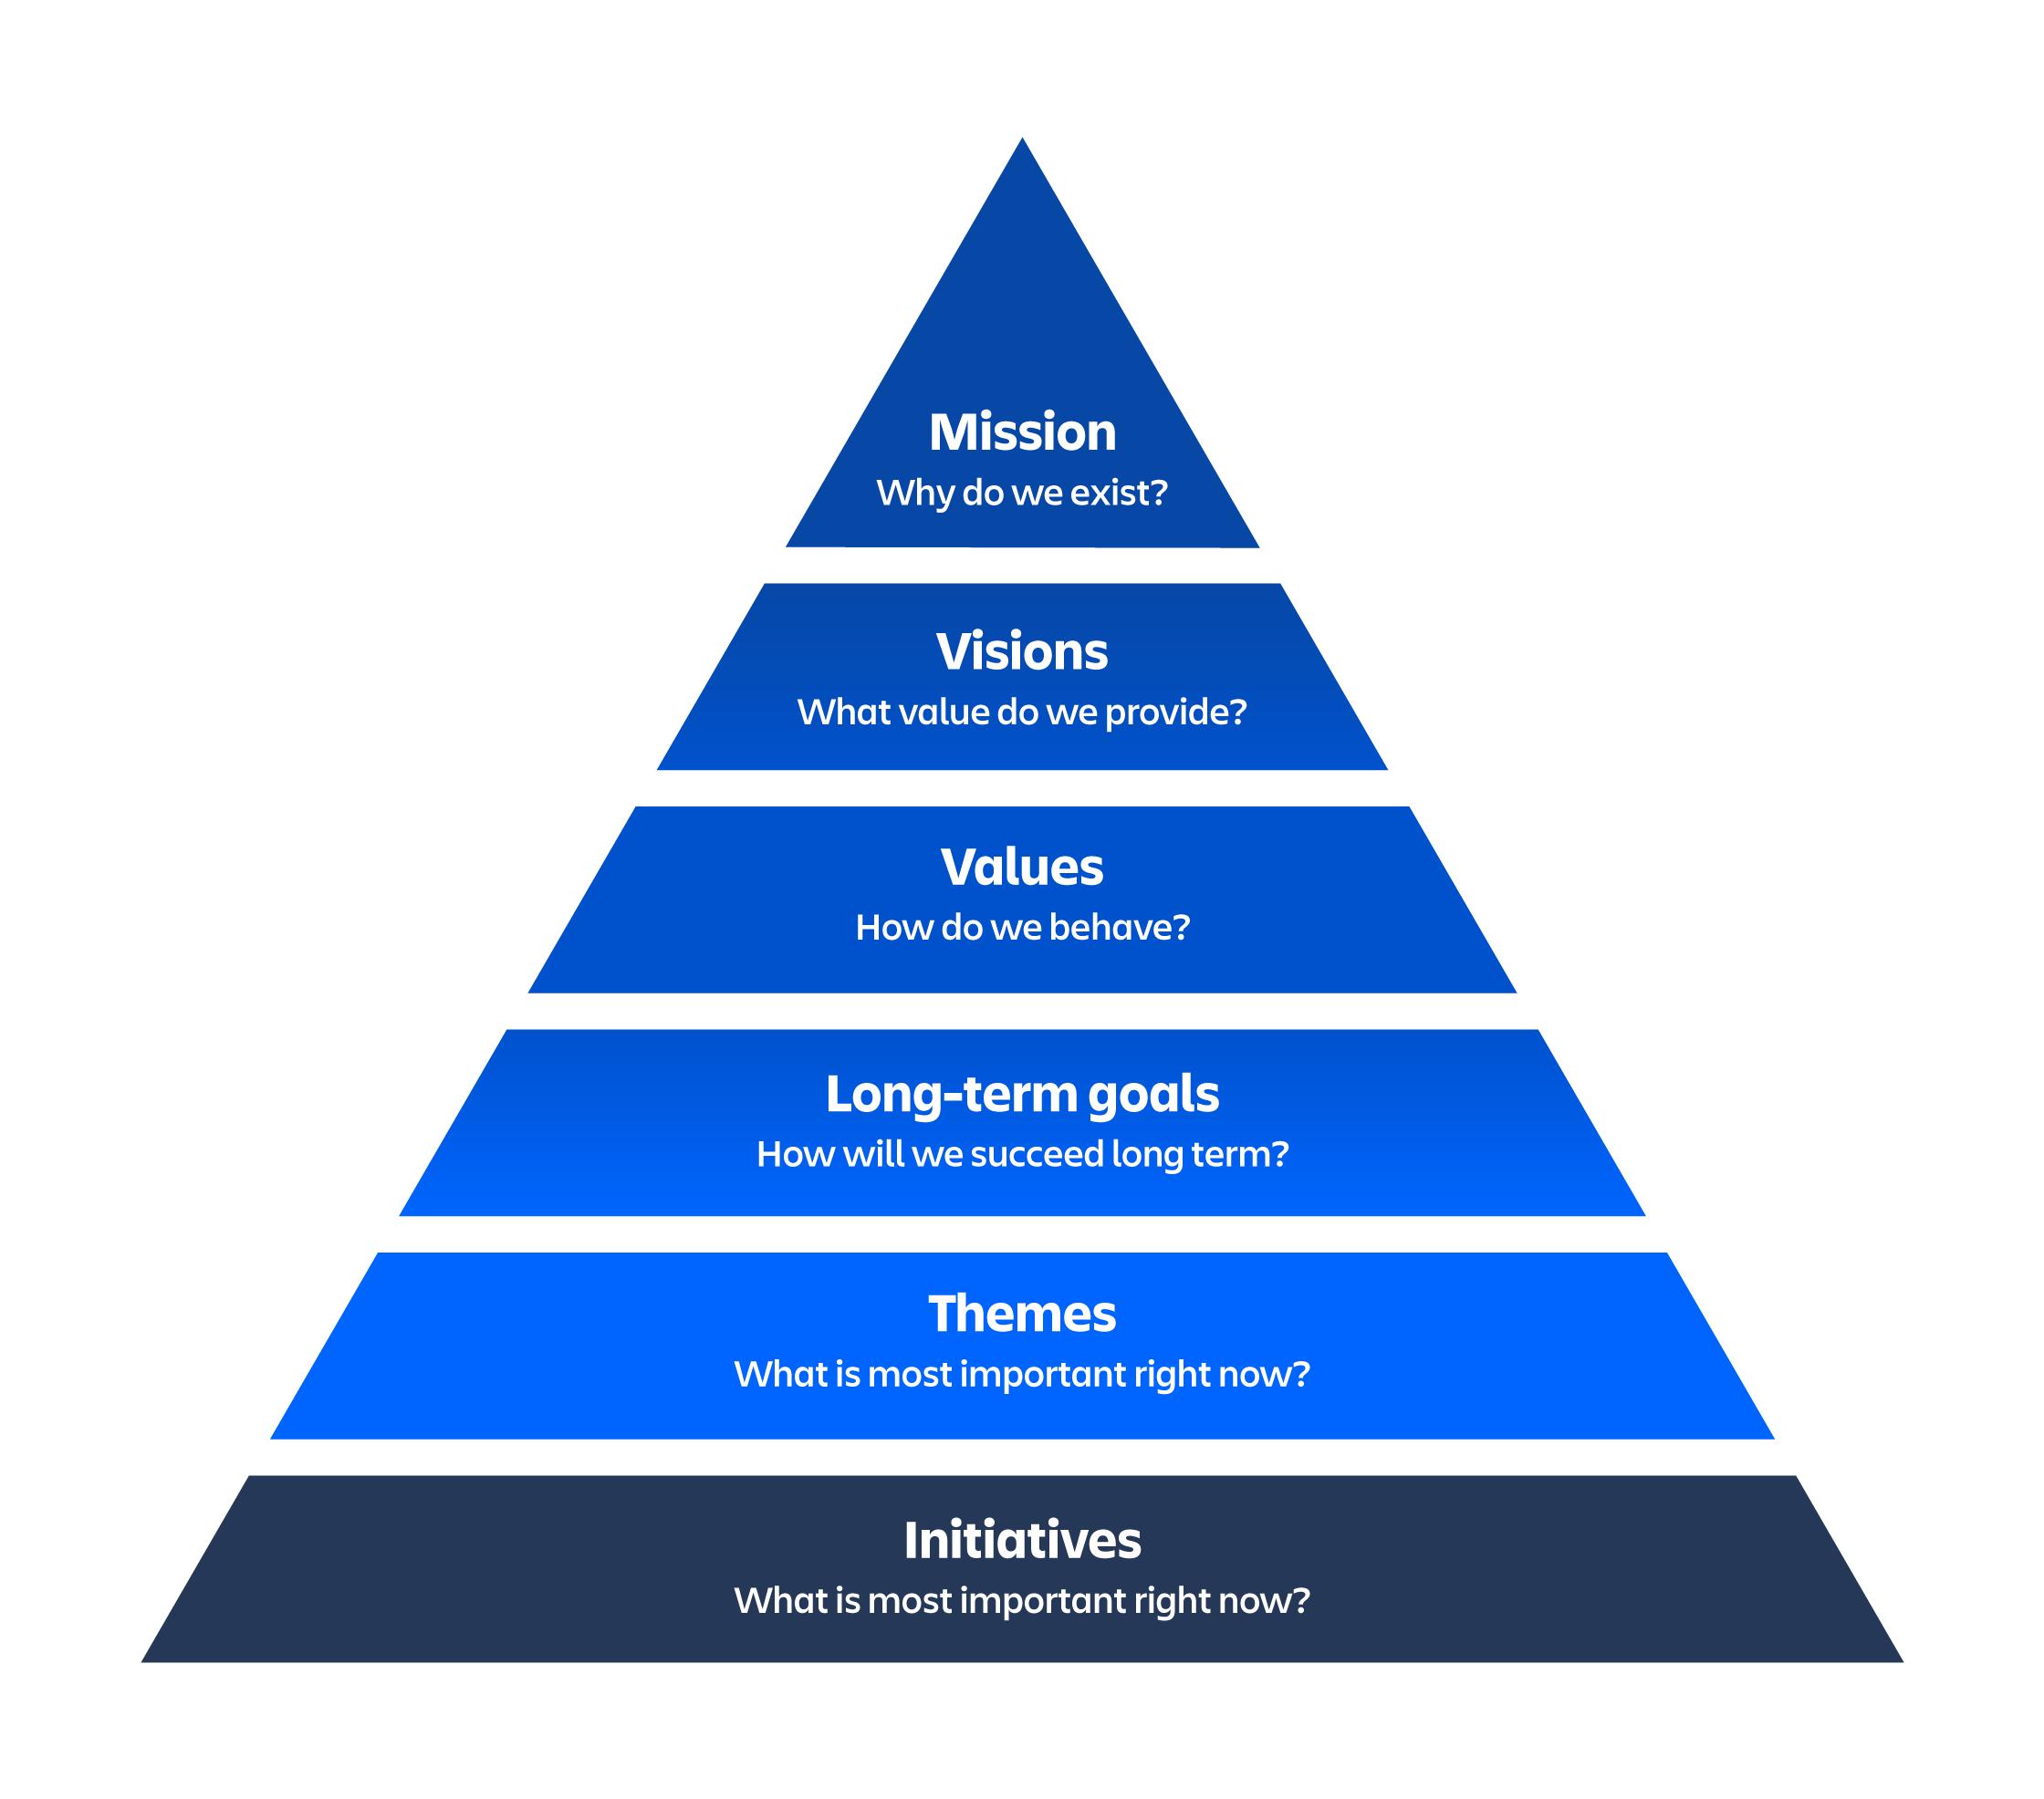 A pirâmide de gestão de portfólio enxuto com a missão em seu topo e as iniciativas na sua base